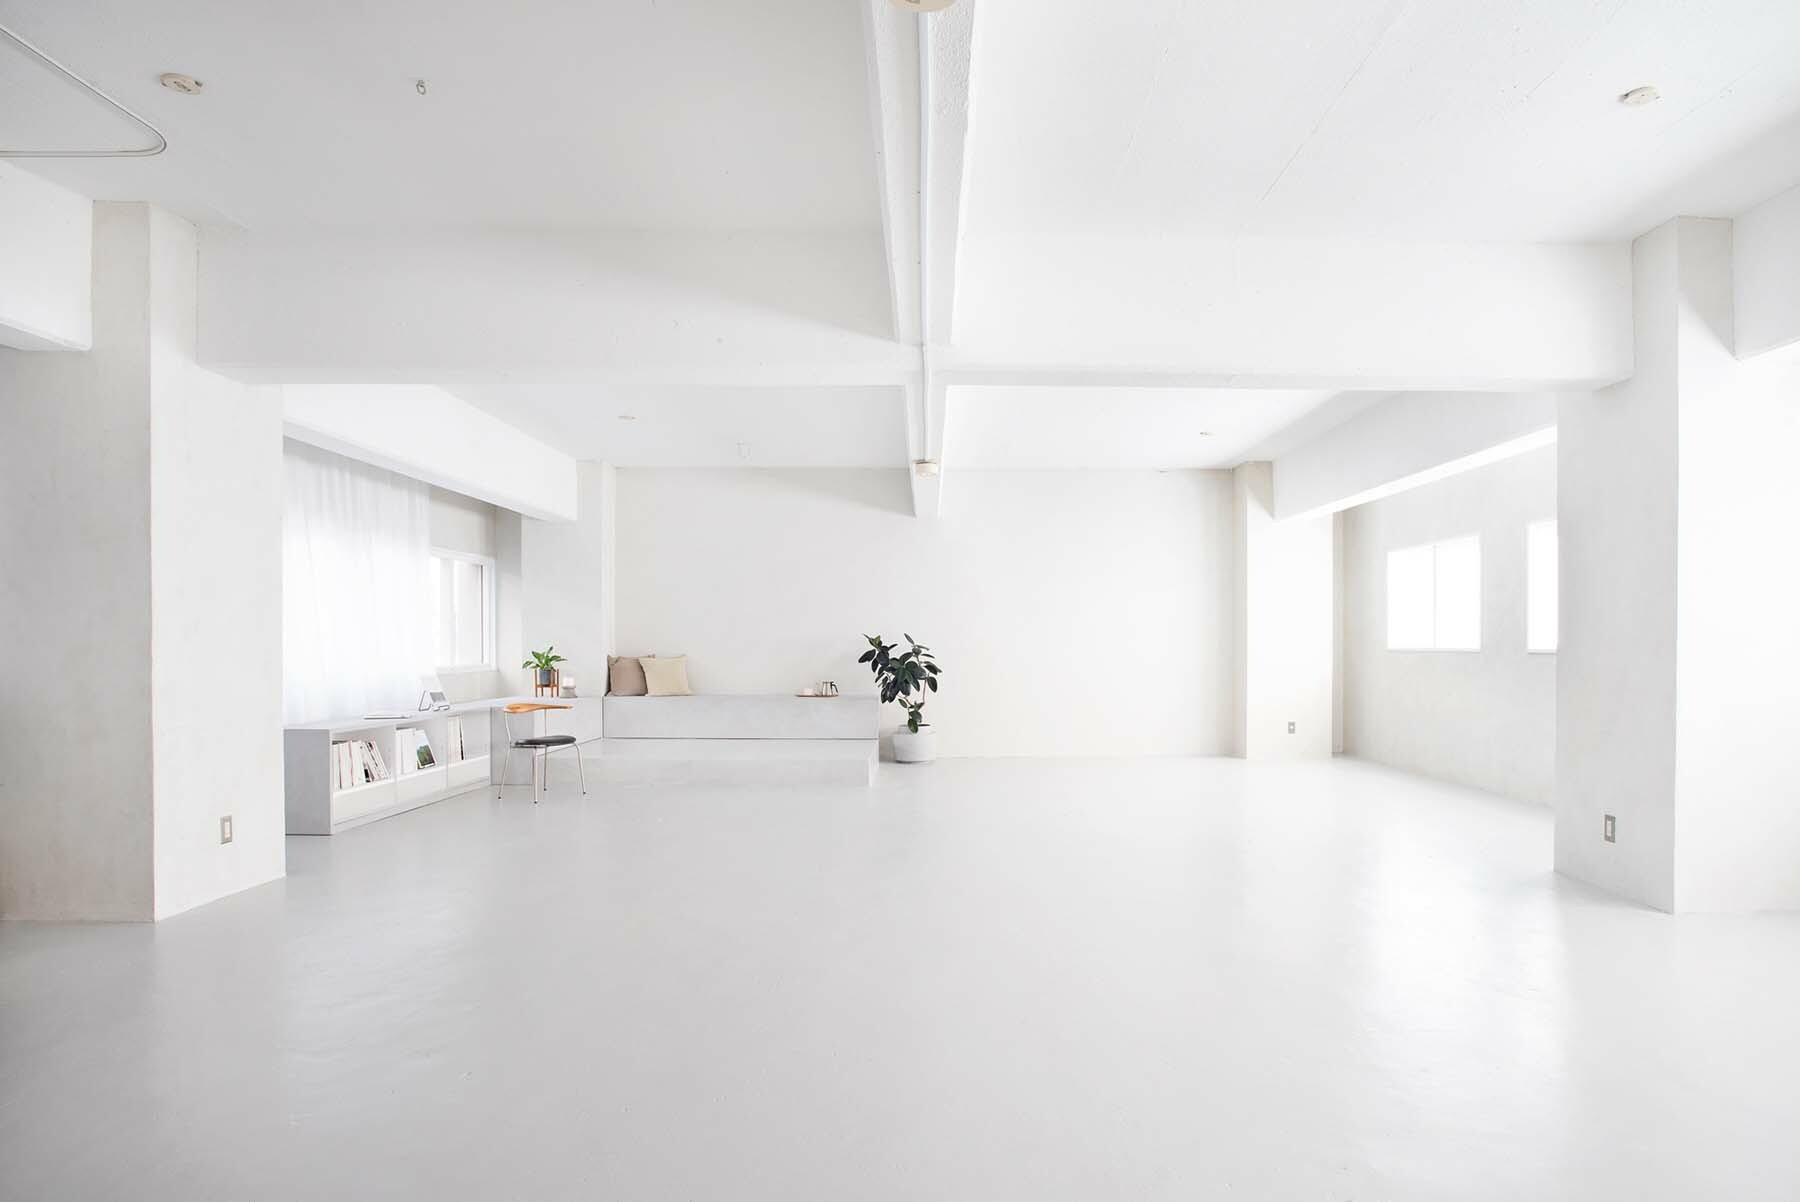 StudioBRICK 2F (スタジオブリック八丁堀2F)黒床のフロア